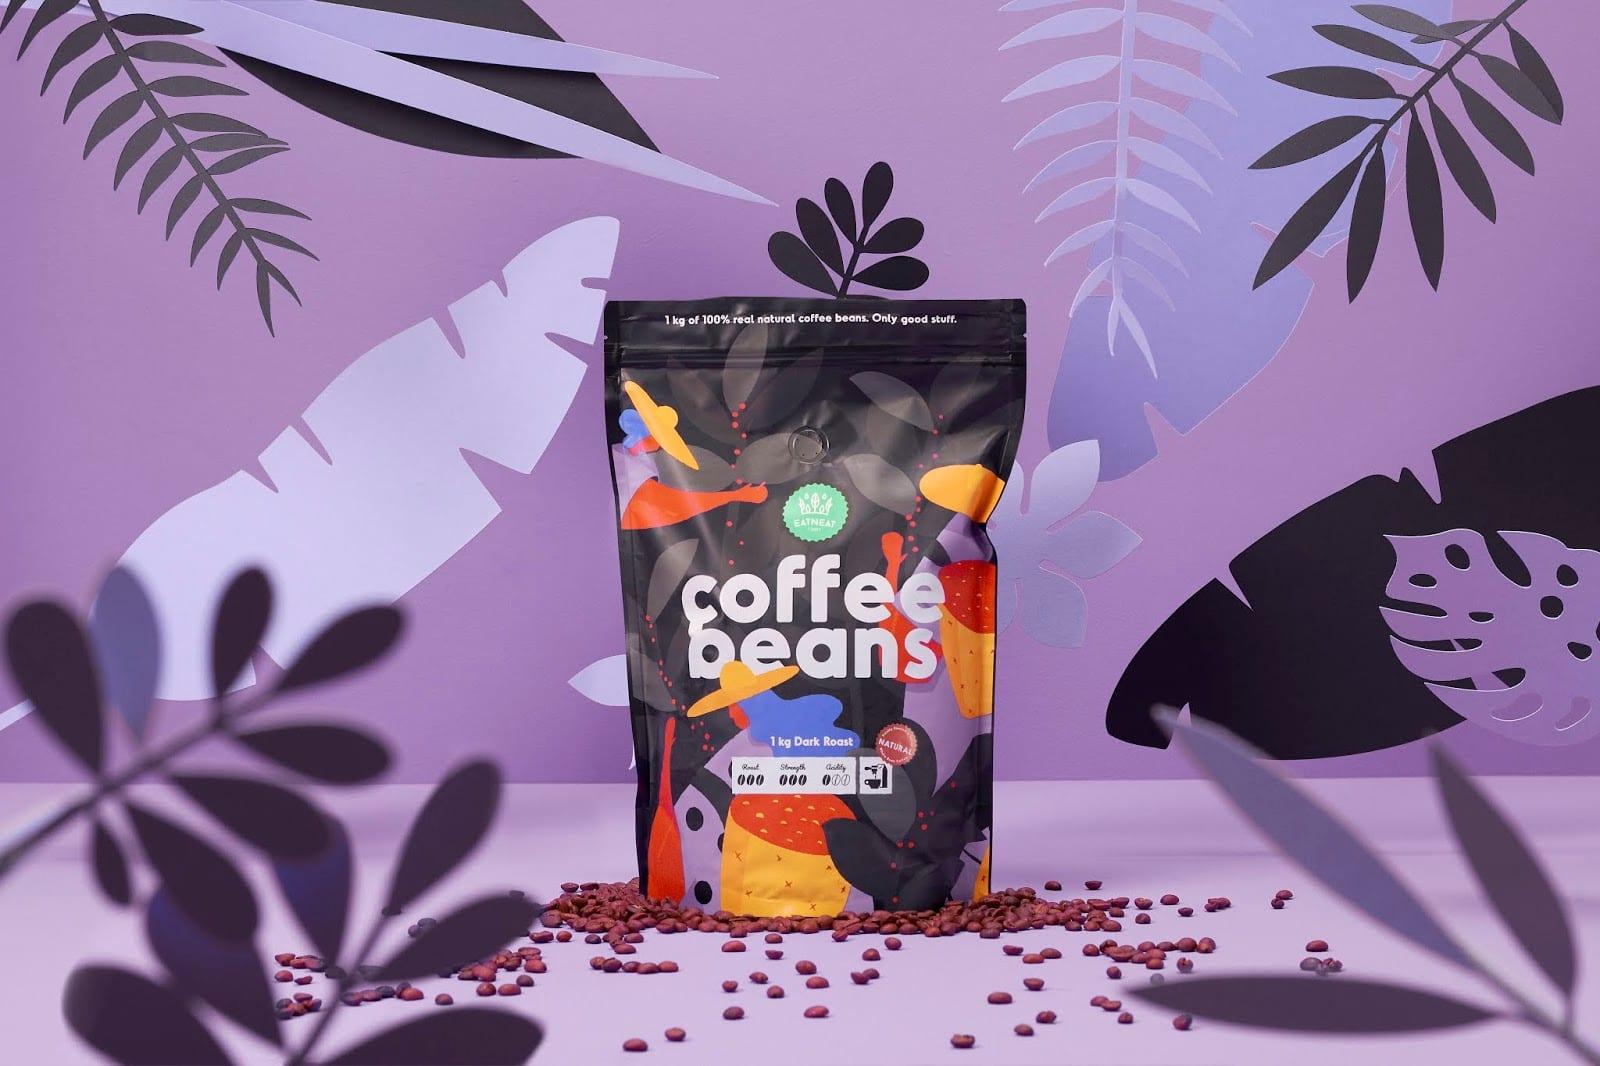 coffeebeans4 - Coffee Beans je nová značka kávy s hravým obalem